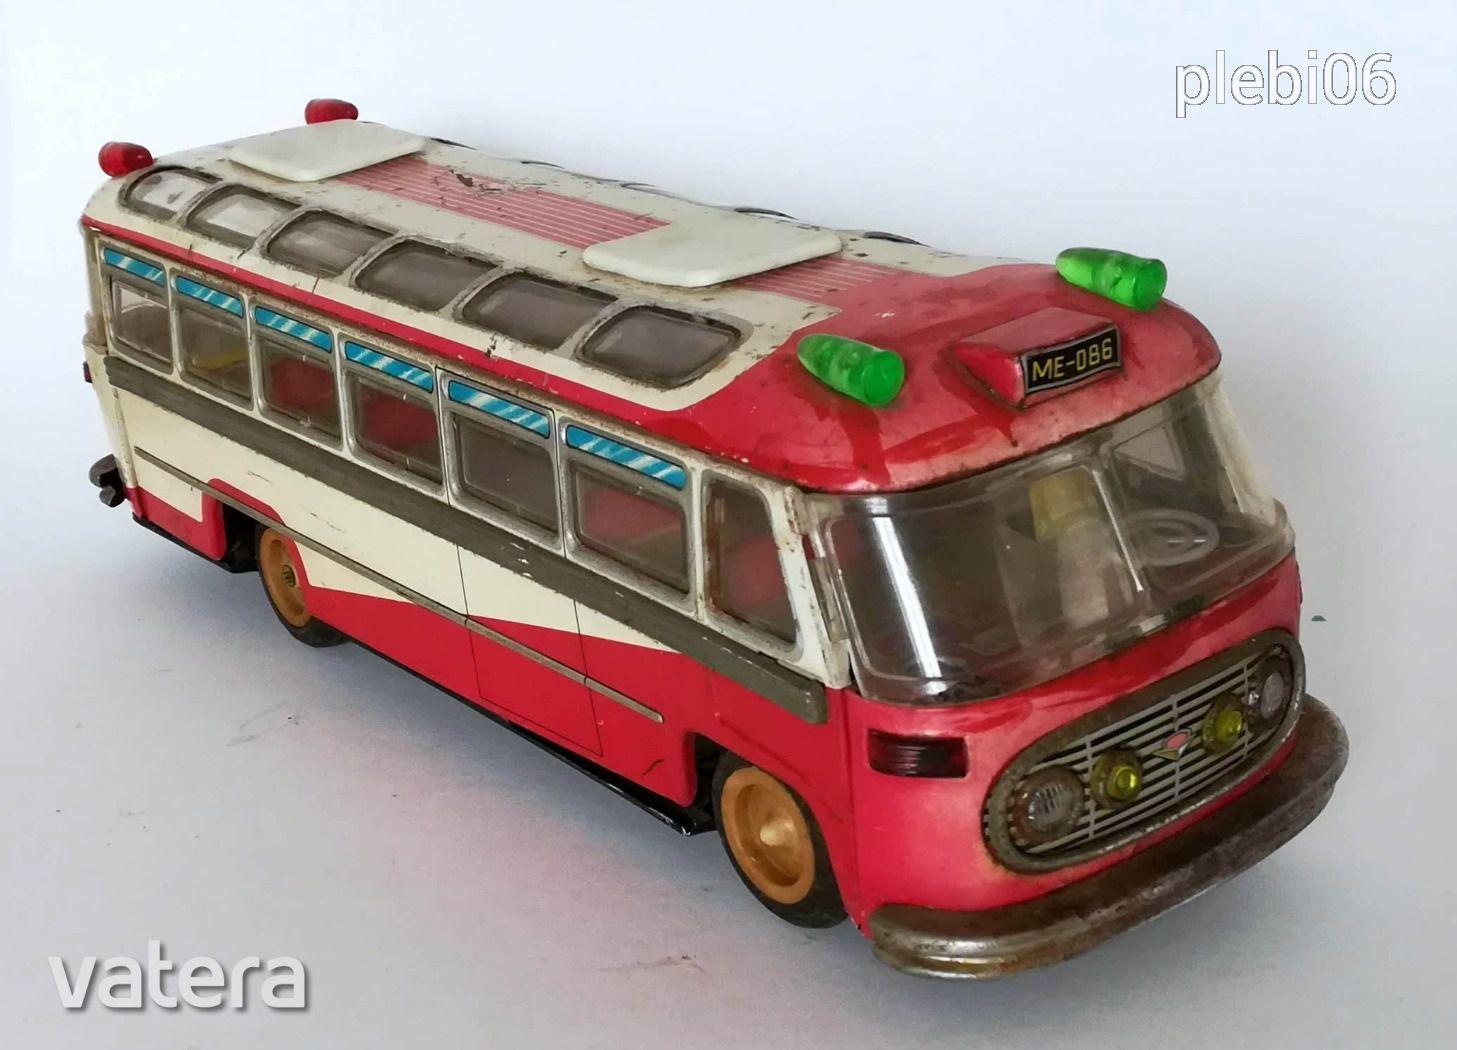 me-086-shanghai-busz-lemezbusz-lemezjatek-lemezauto-35-cm-ae8a_2_big.jpg